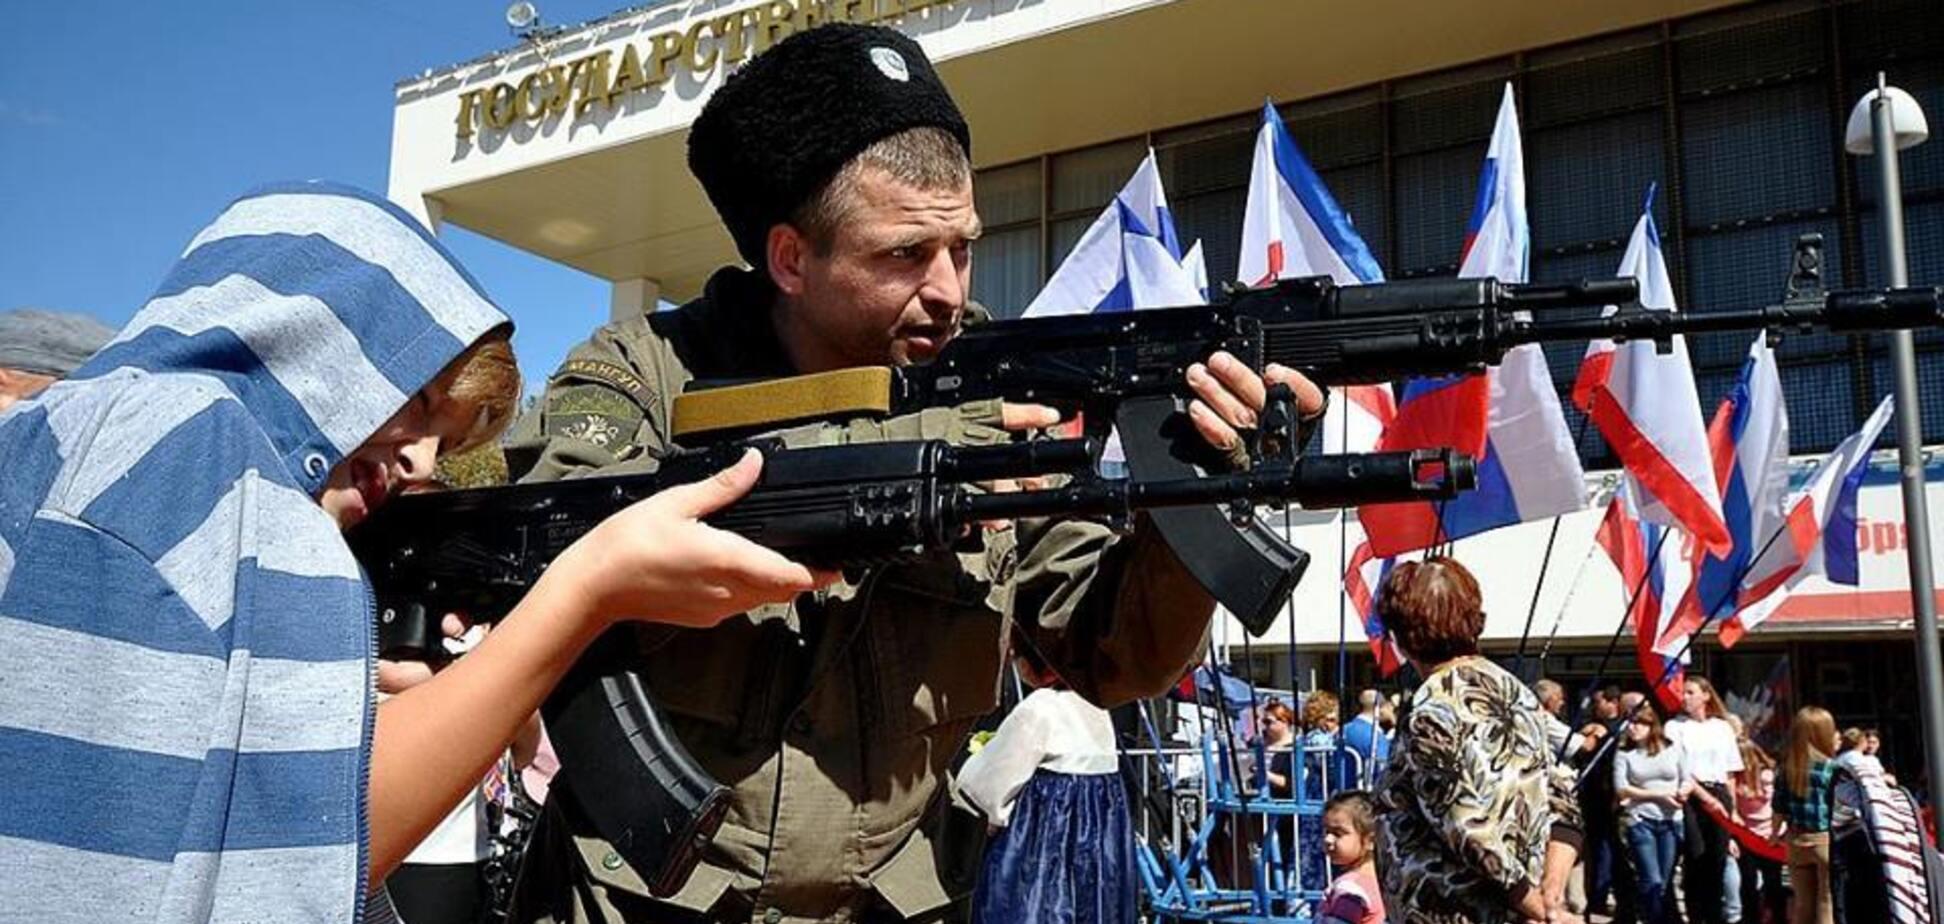 Бойня в Керчи: в сети показали знаковые фото детей с оружием в Крыму